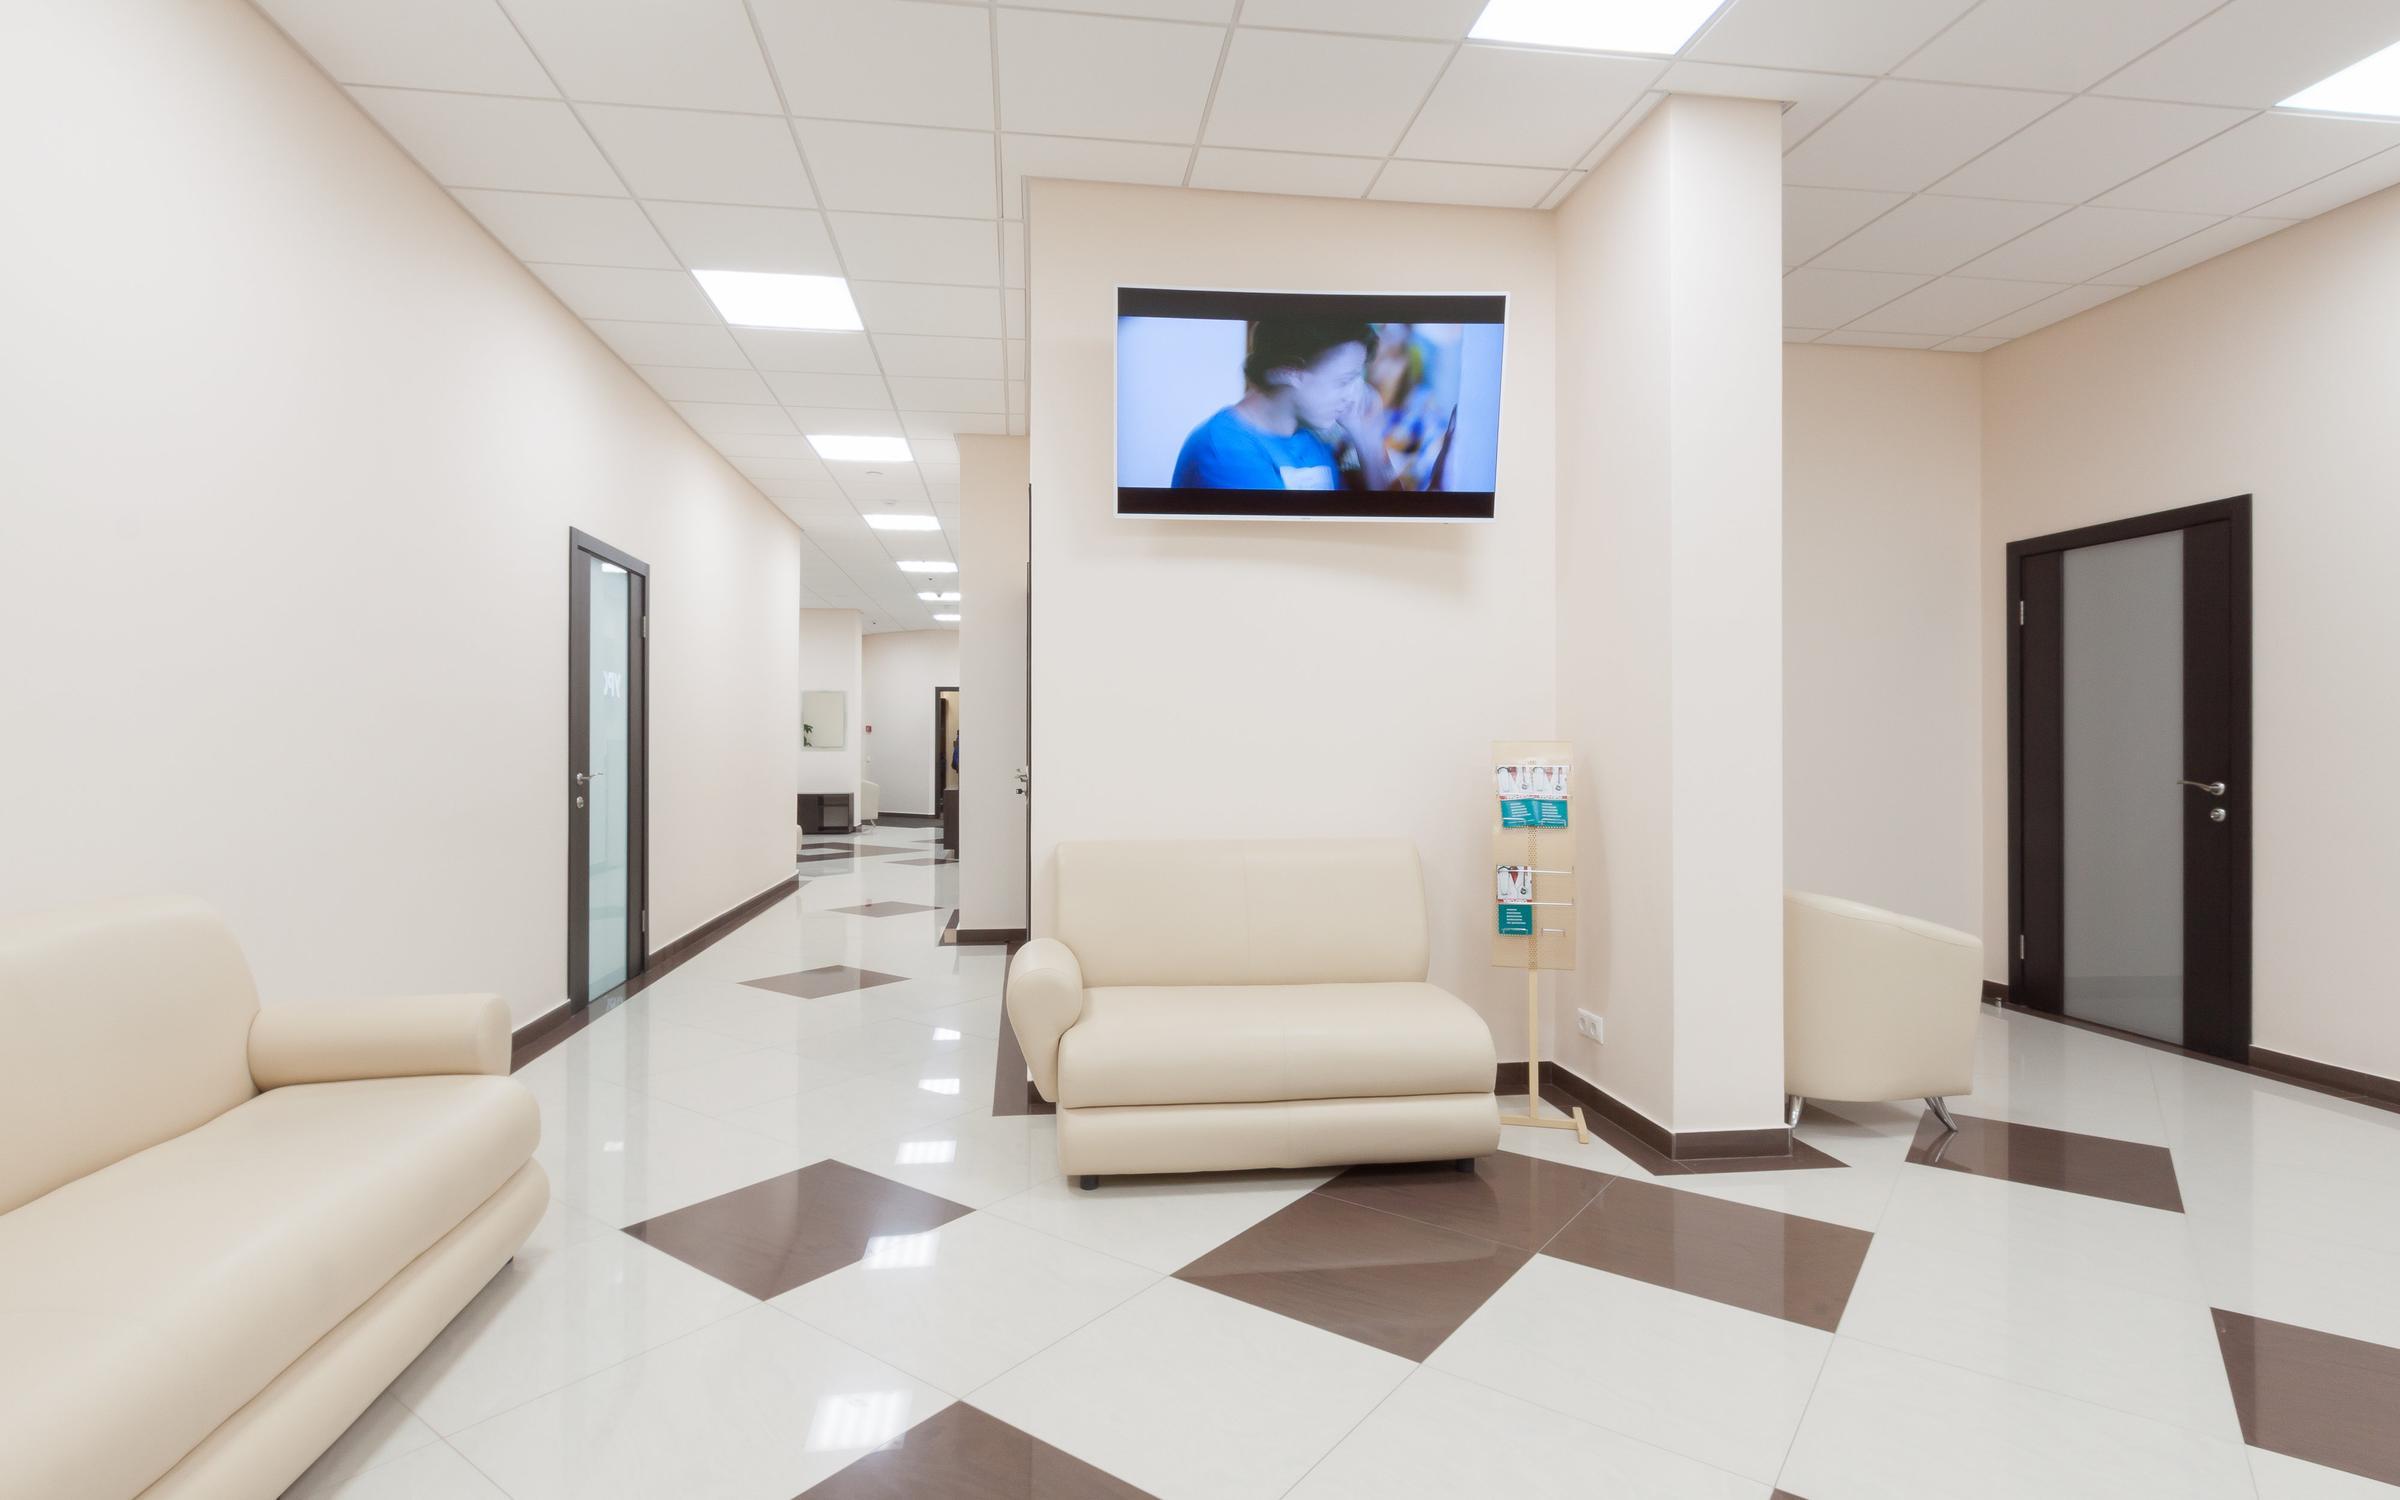 7 городская больница казань мрт